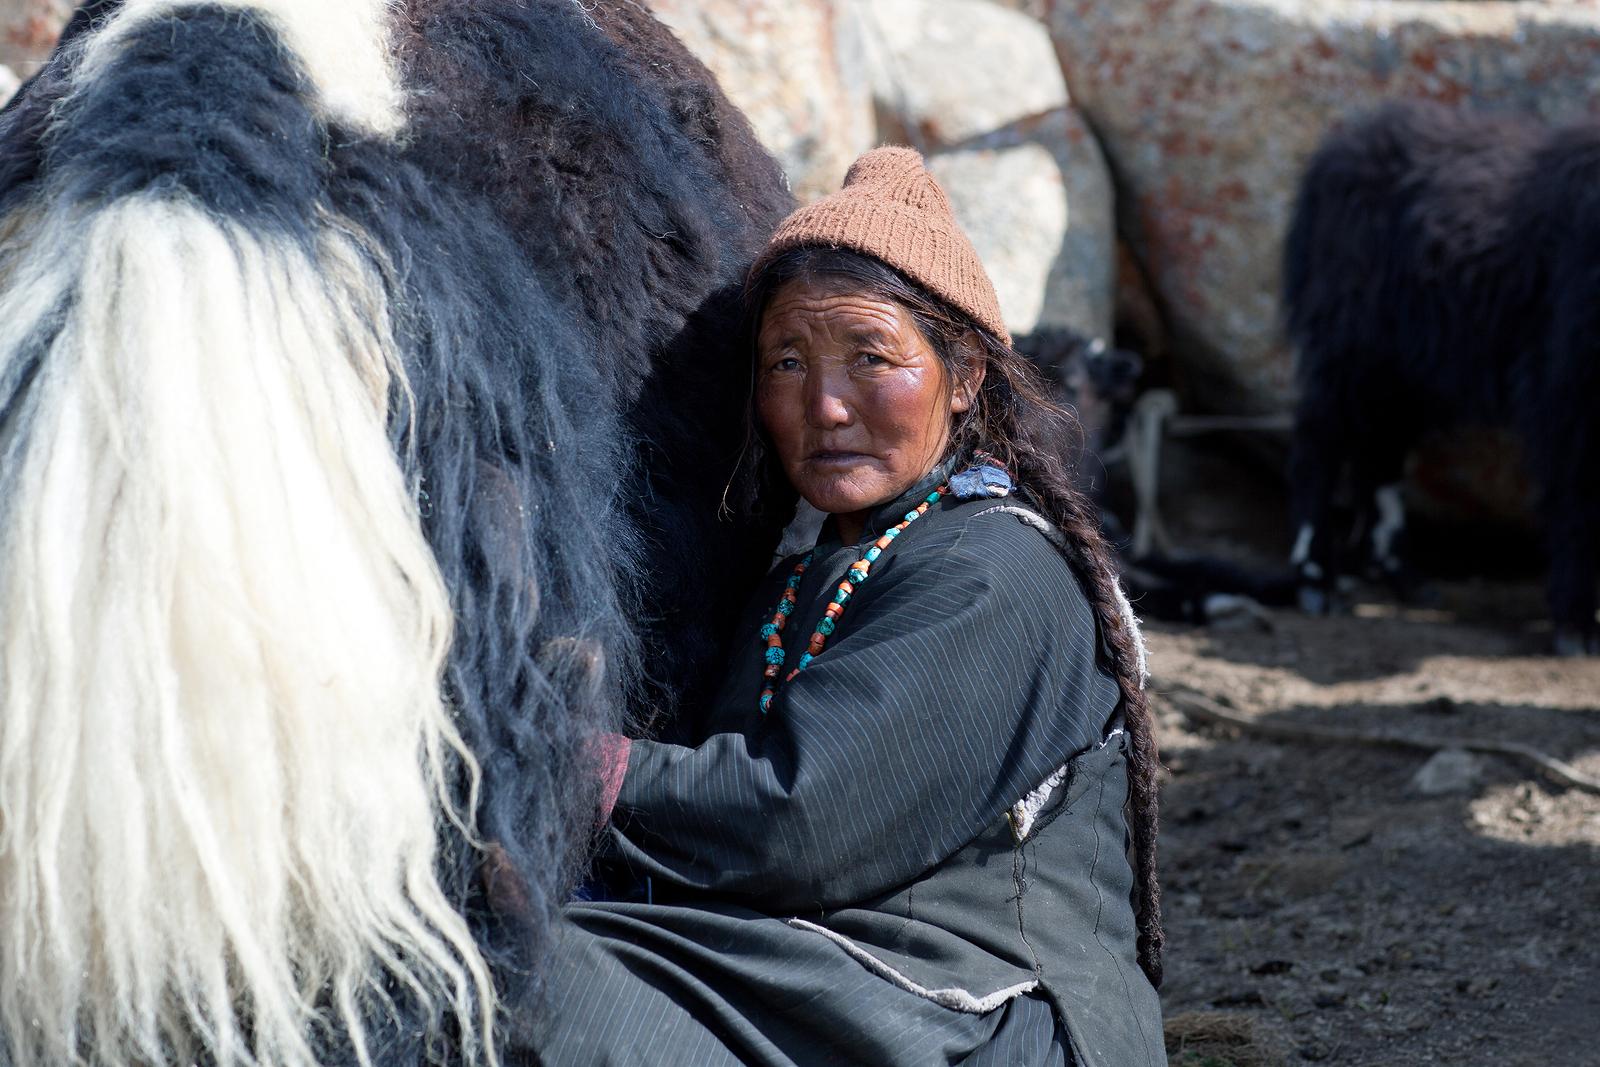 bigstock-tibetan-woman-with-yak-in-lada-148124192.jpg